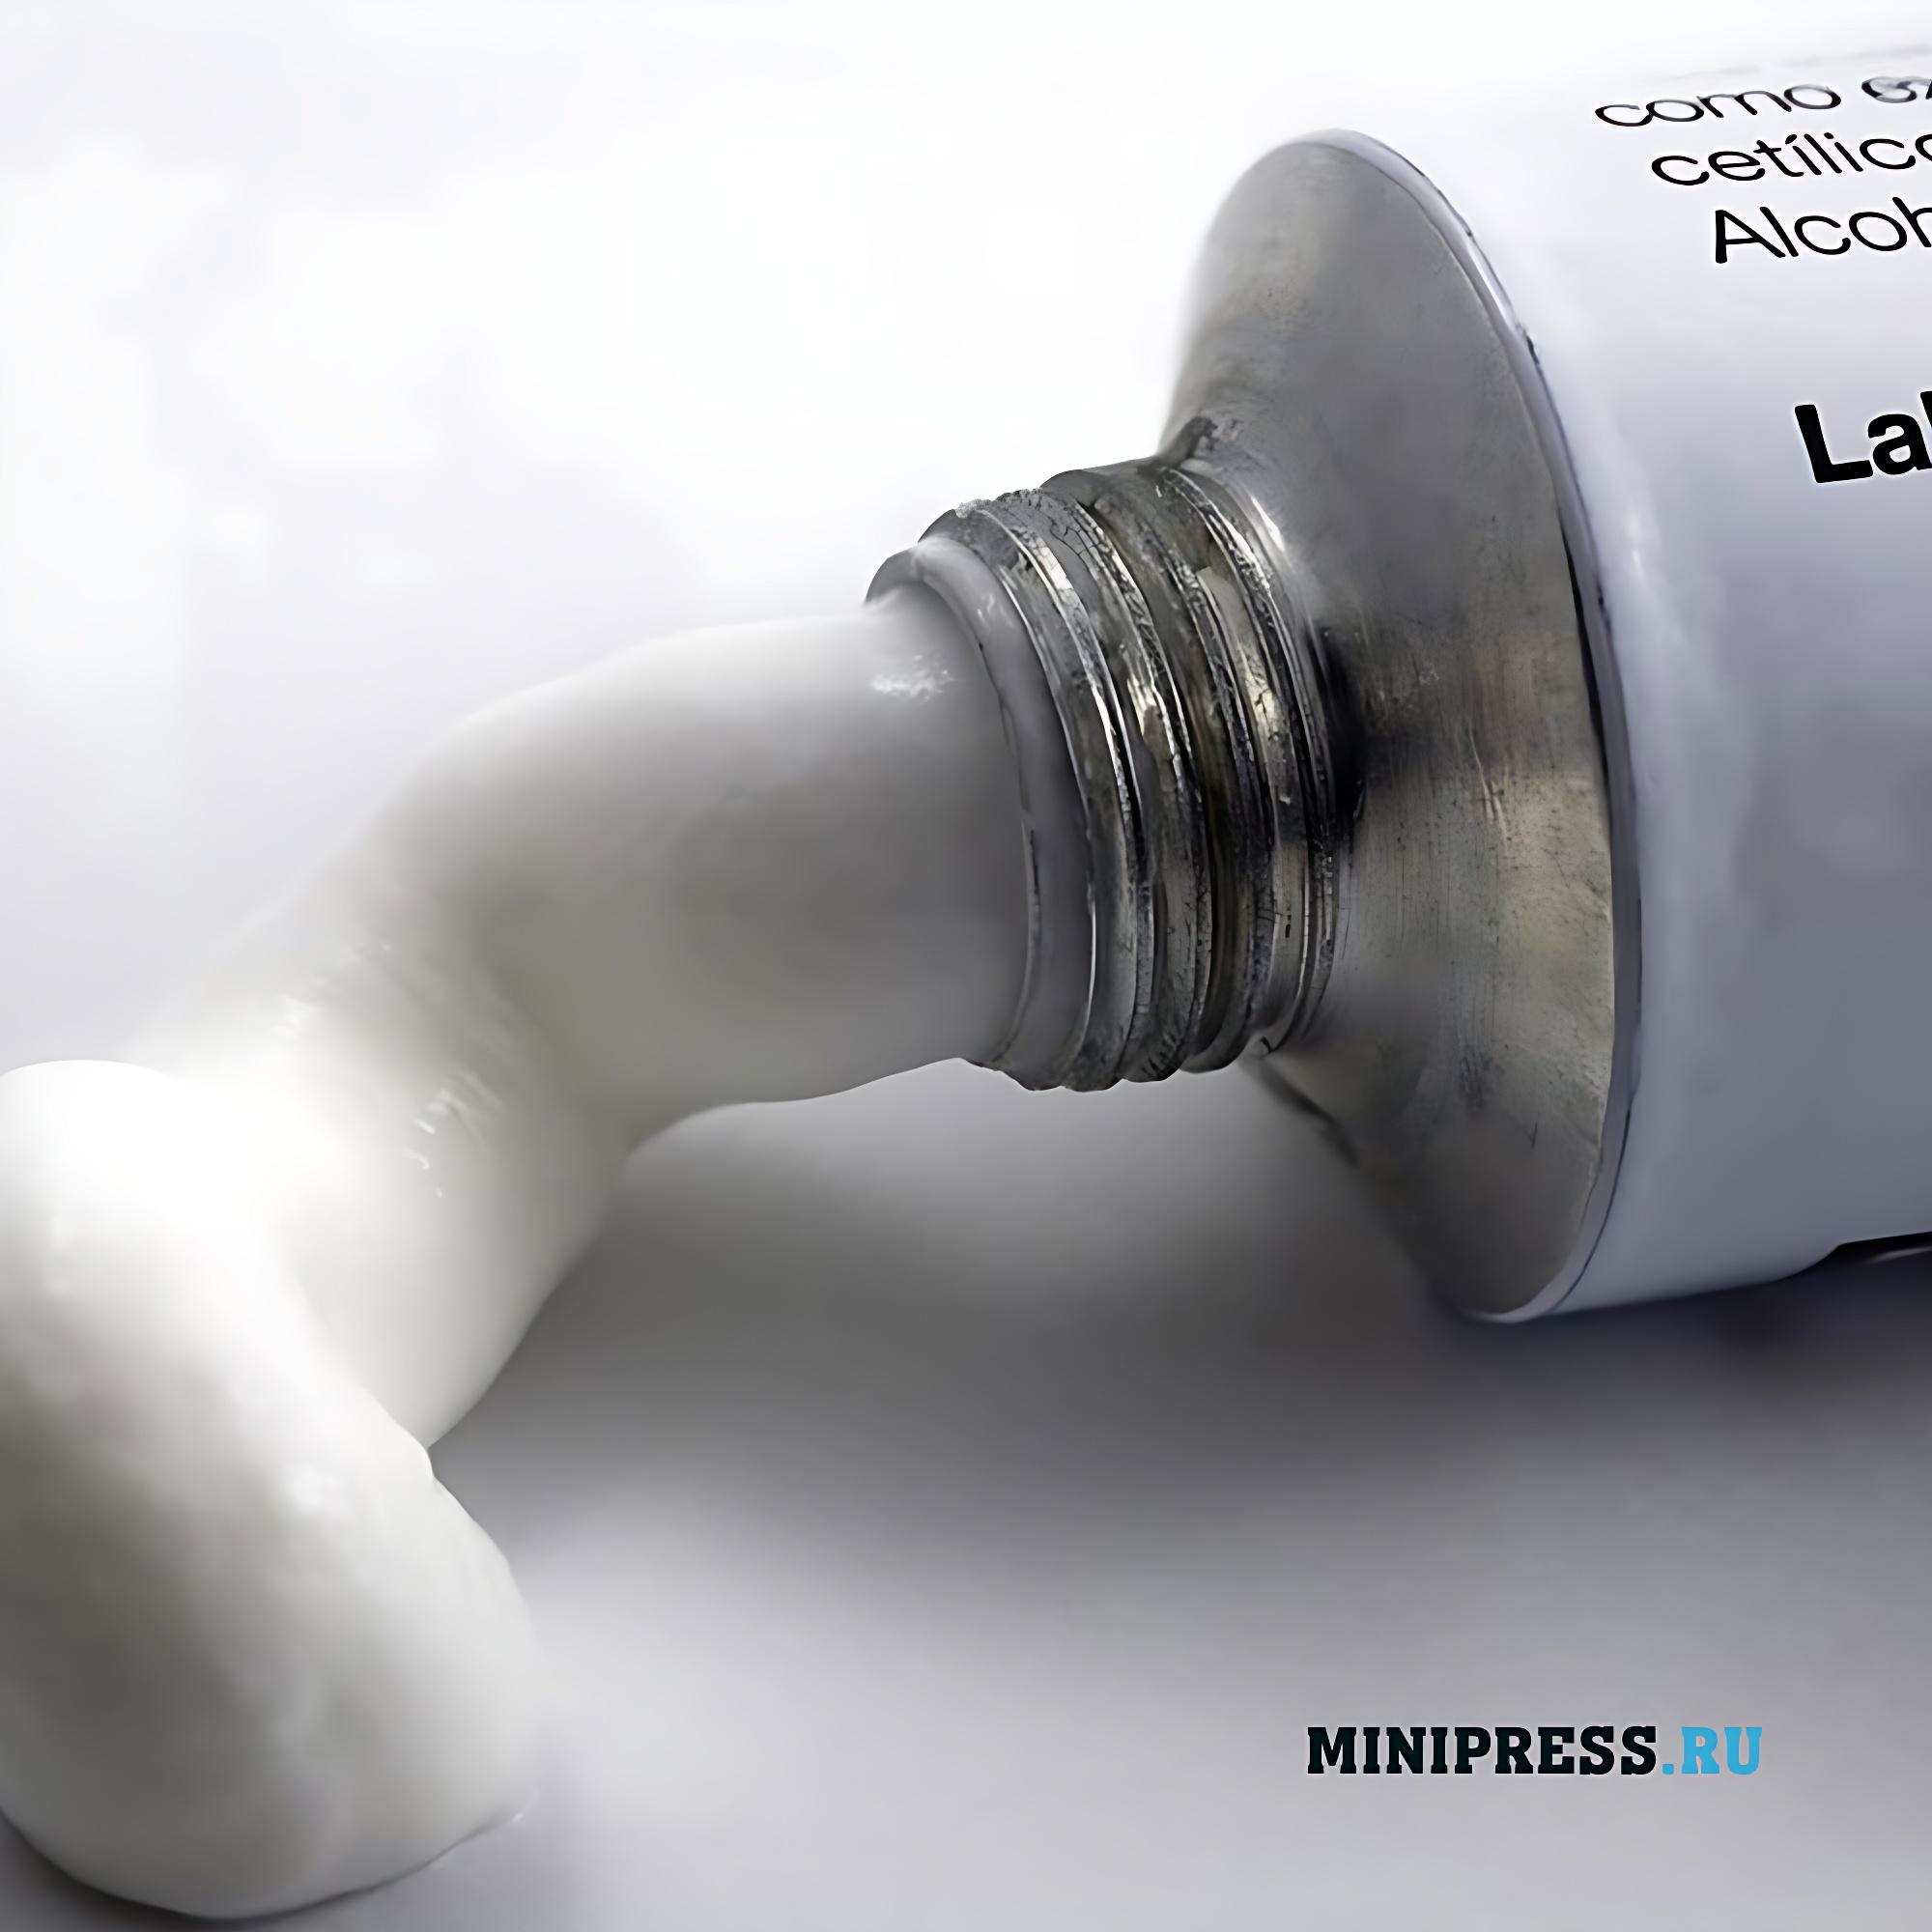 Промышленное производство косметических кремов